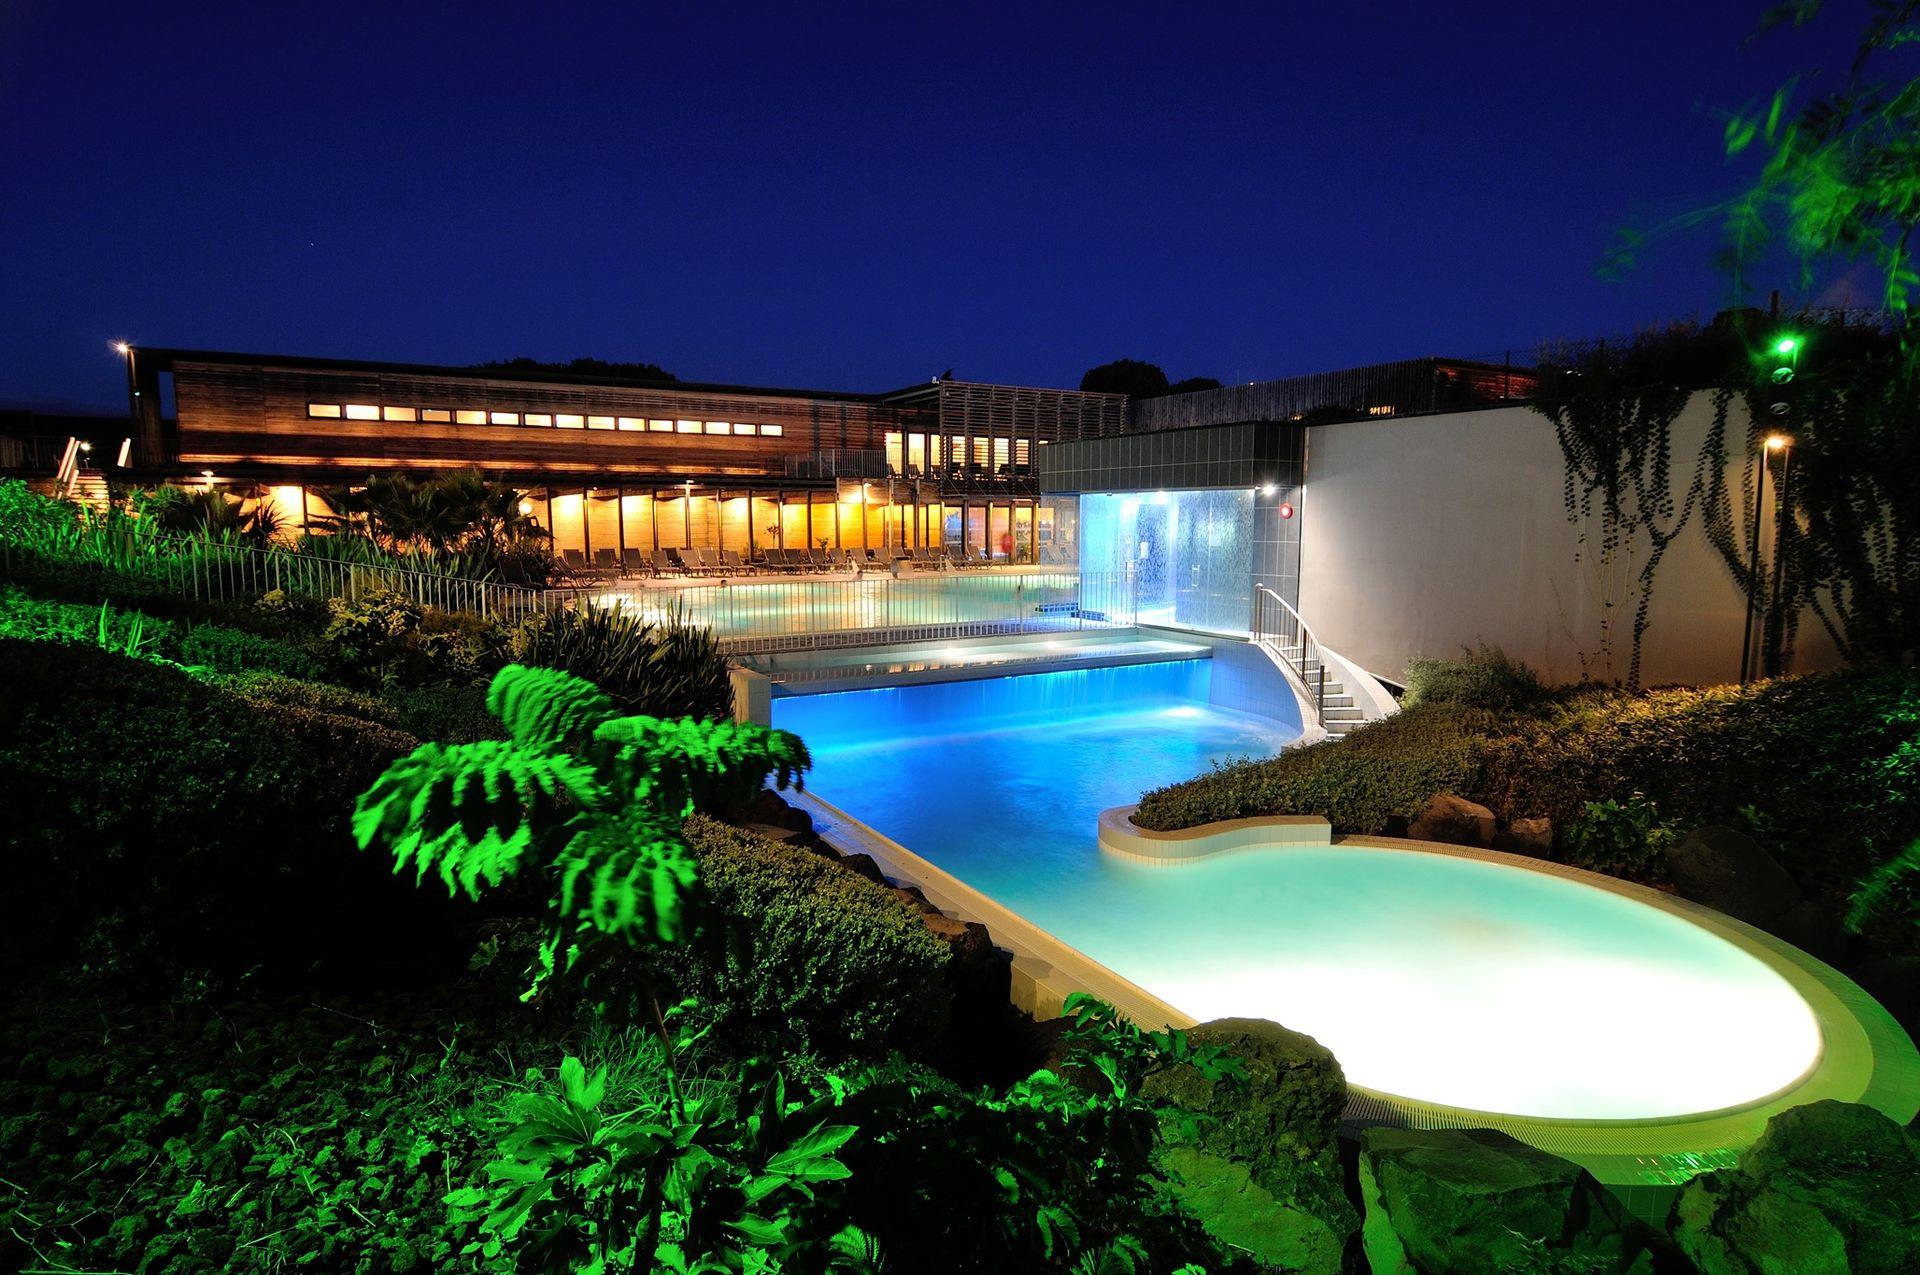 O'Balia de nuit, vue sur les bassins